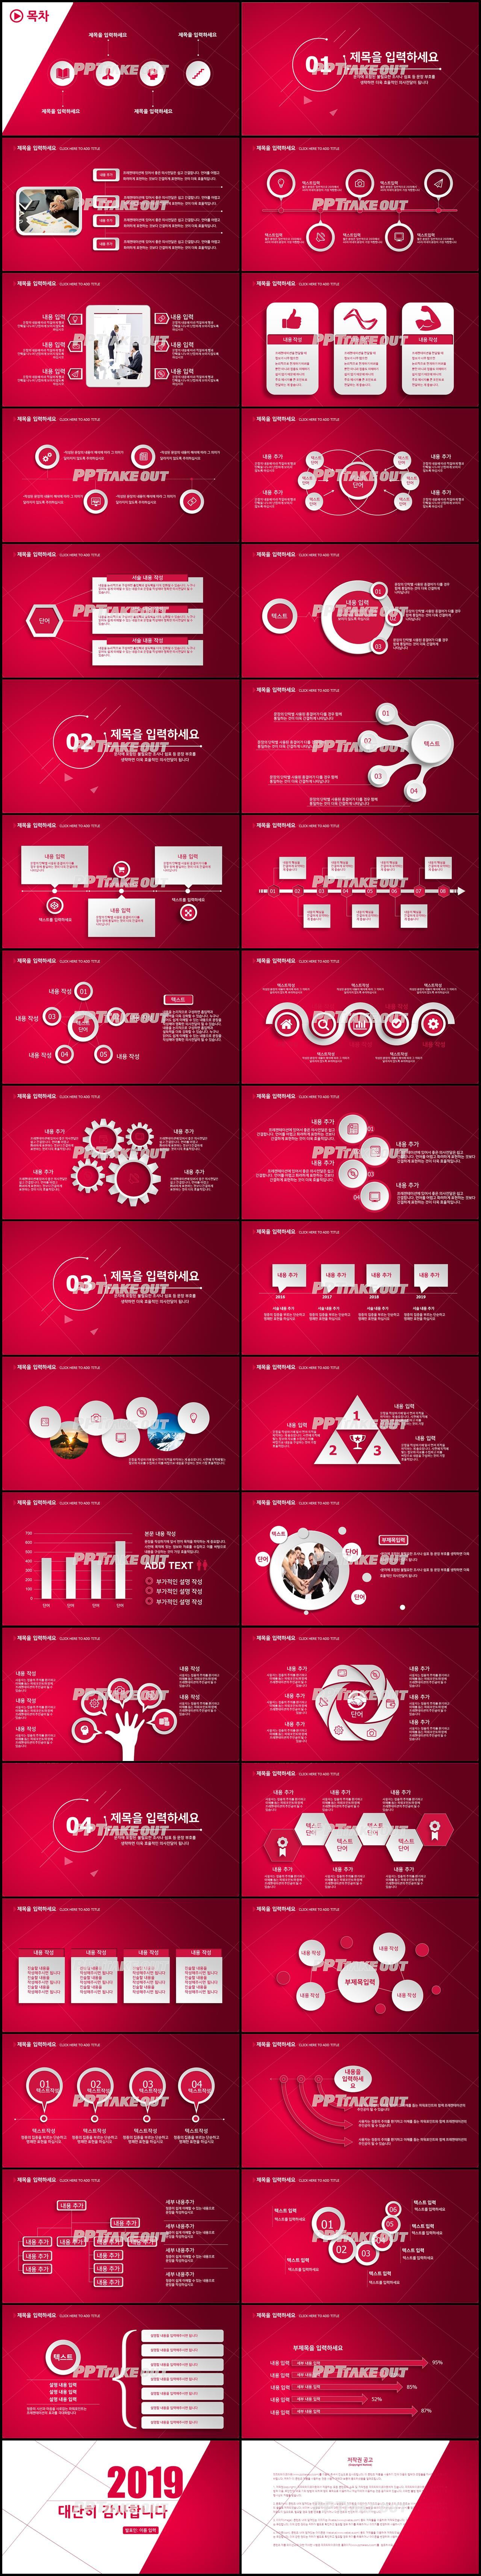 경제금융 빨강색 캄캄한 마음을 사로잡는 피피티템플릿 다운 상세보기